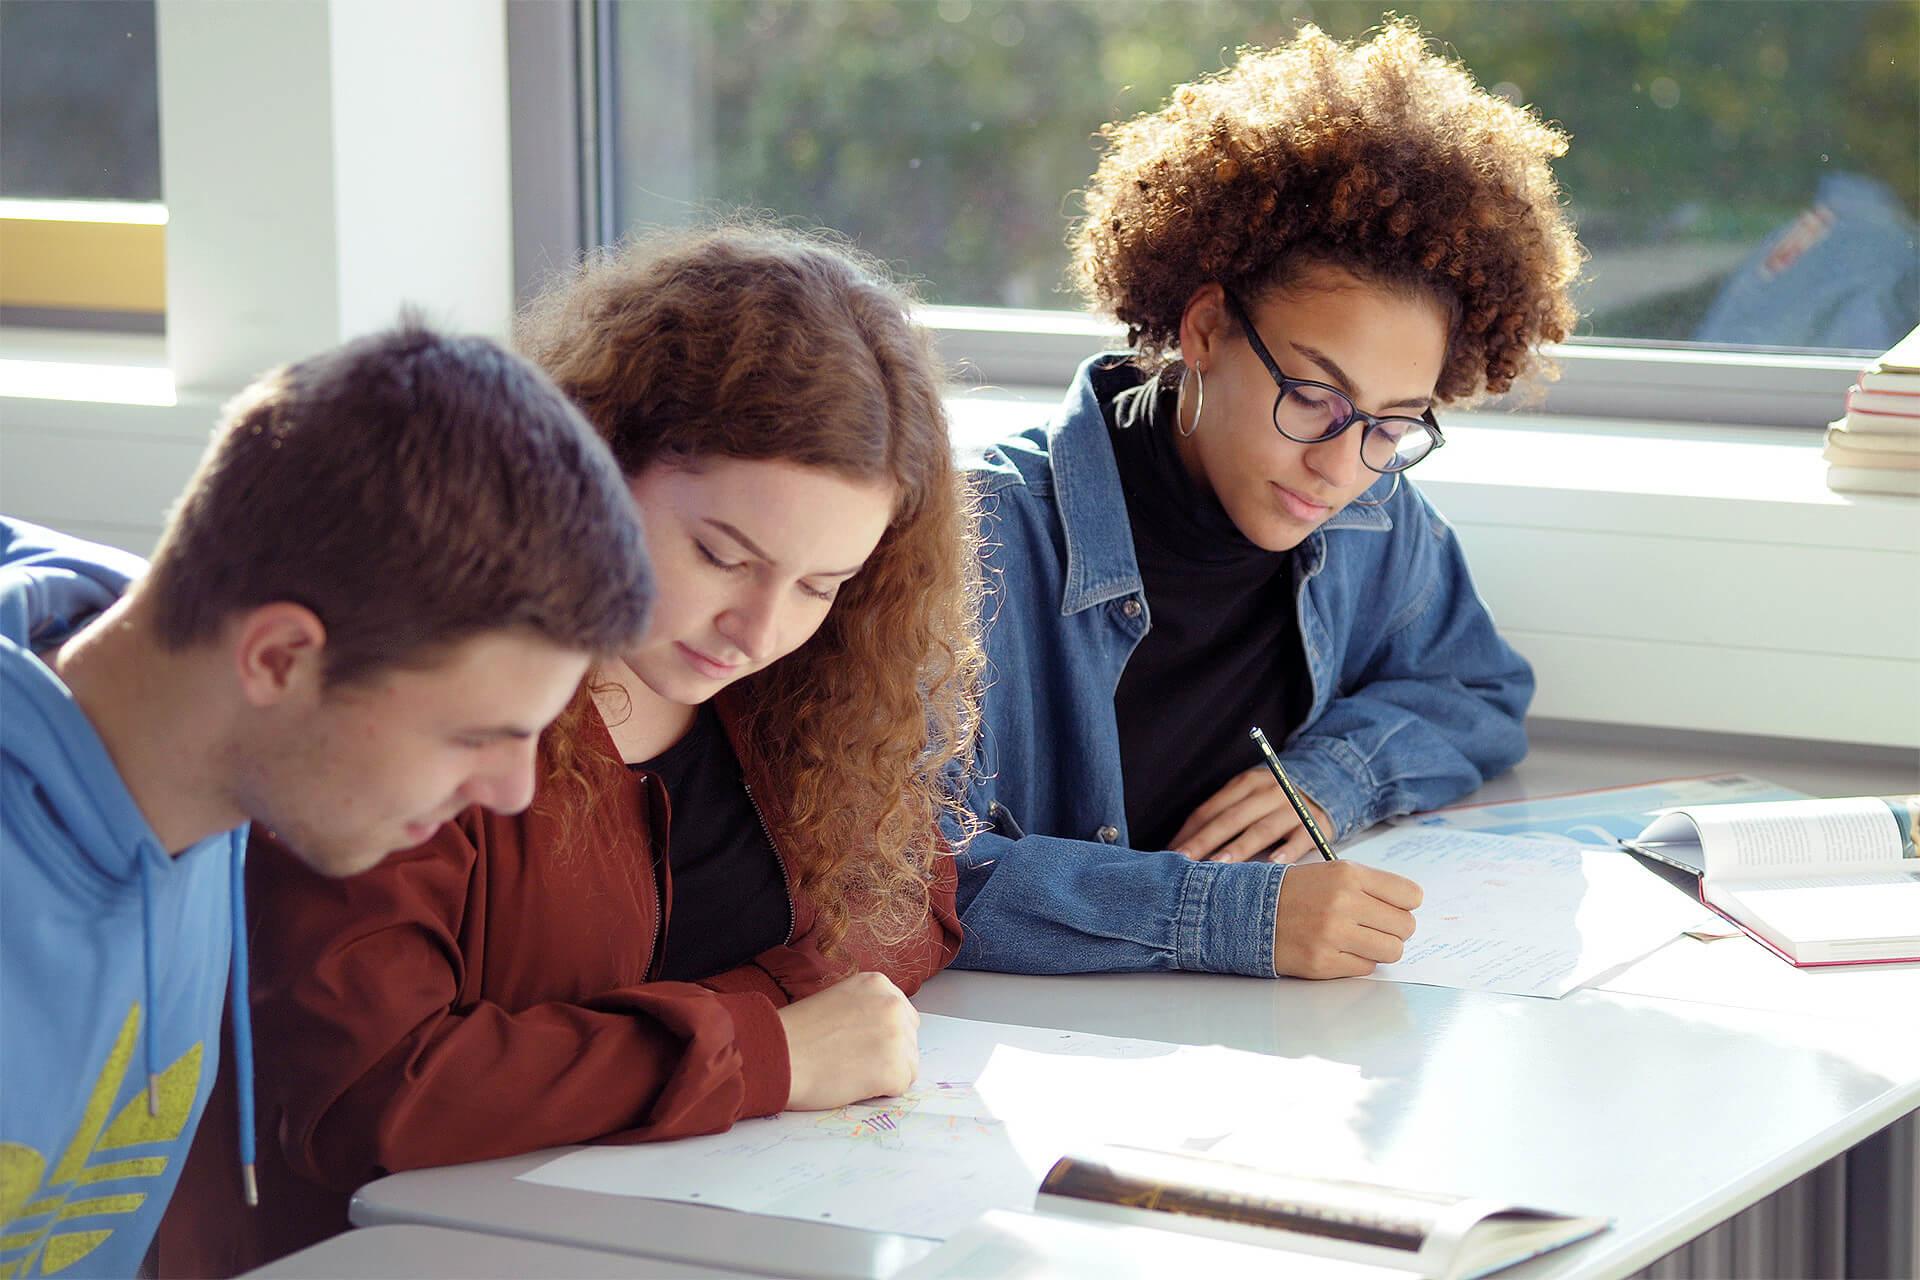 fos-ausbildungsrichtungen-gestaltung-content-impressionen-unterricht-theorieunterricht